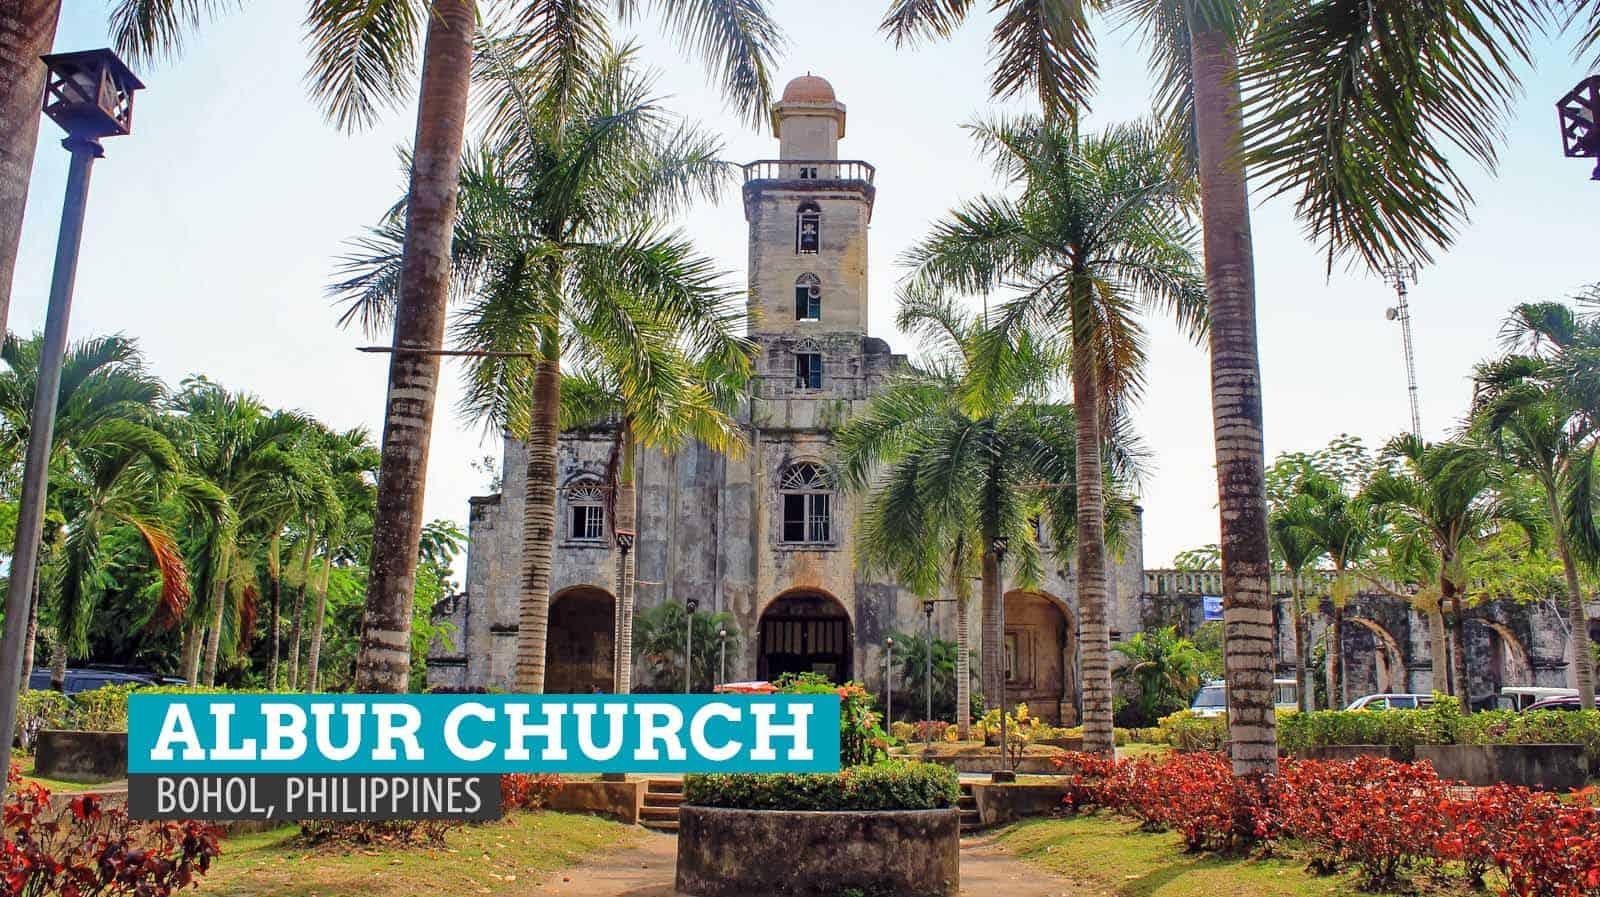 St. Monica Church in Alburquerque, Bohol